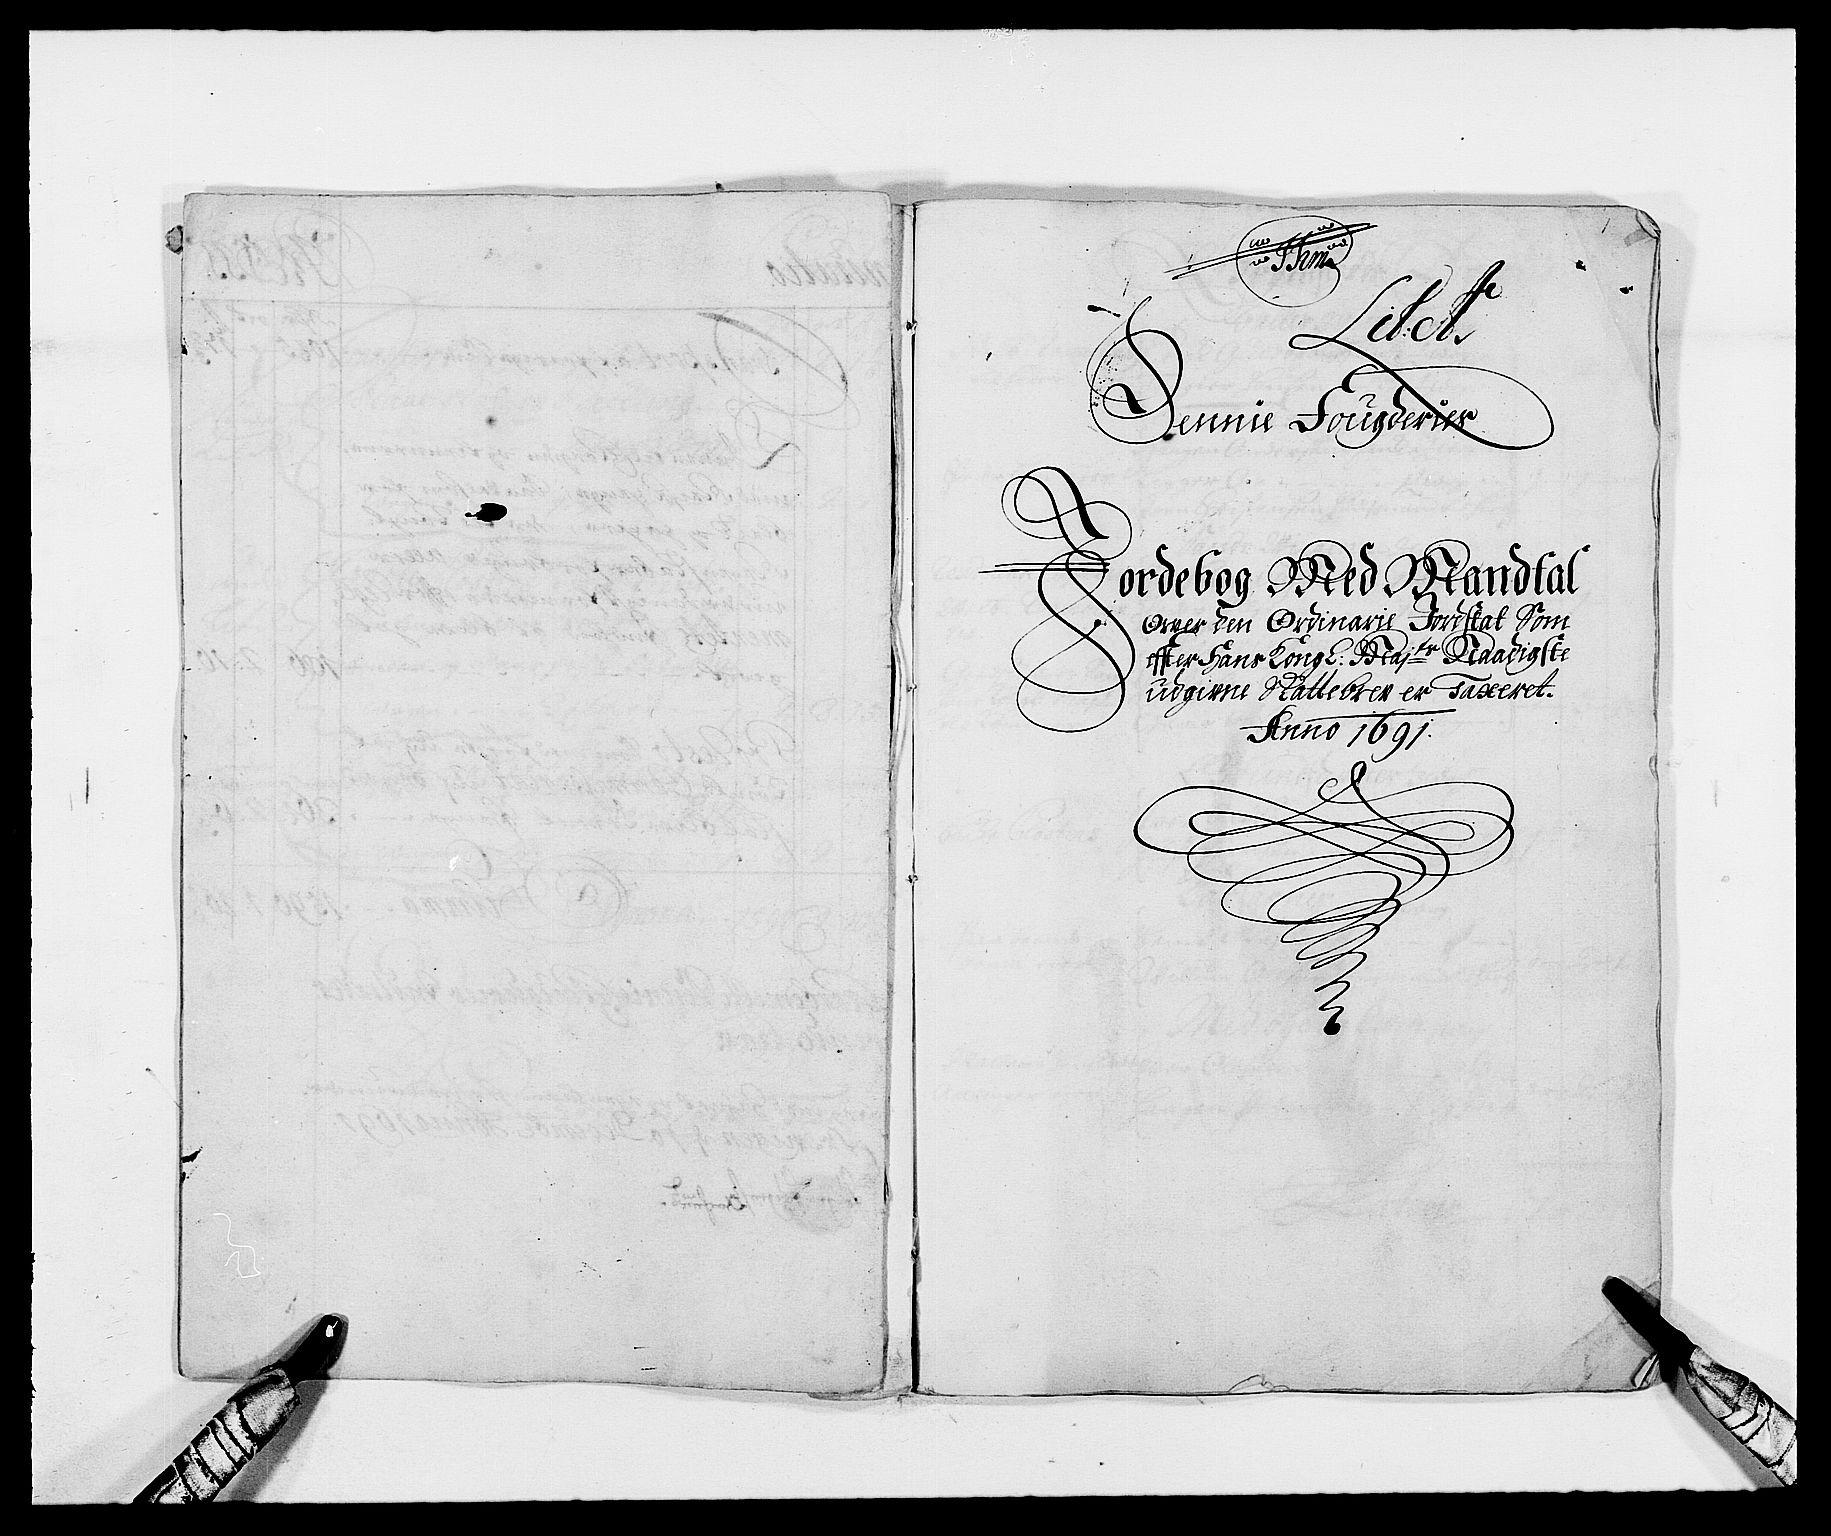 RA, Rentekammeret inntil 1814, Reviderte regnskaper, Fogderegnskap, R68/L4752: Fogderegnskap Senja og Troms, 1691-1693, s. 8